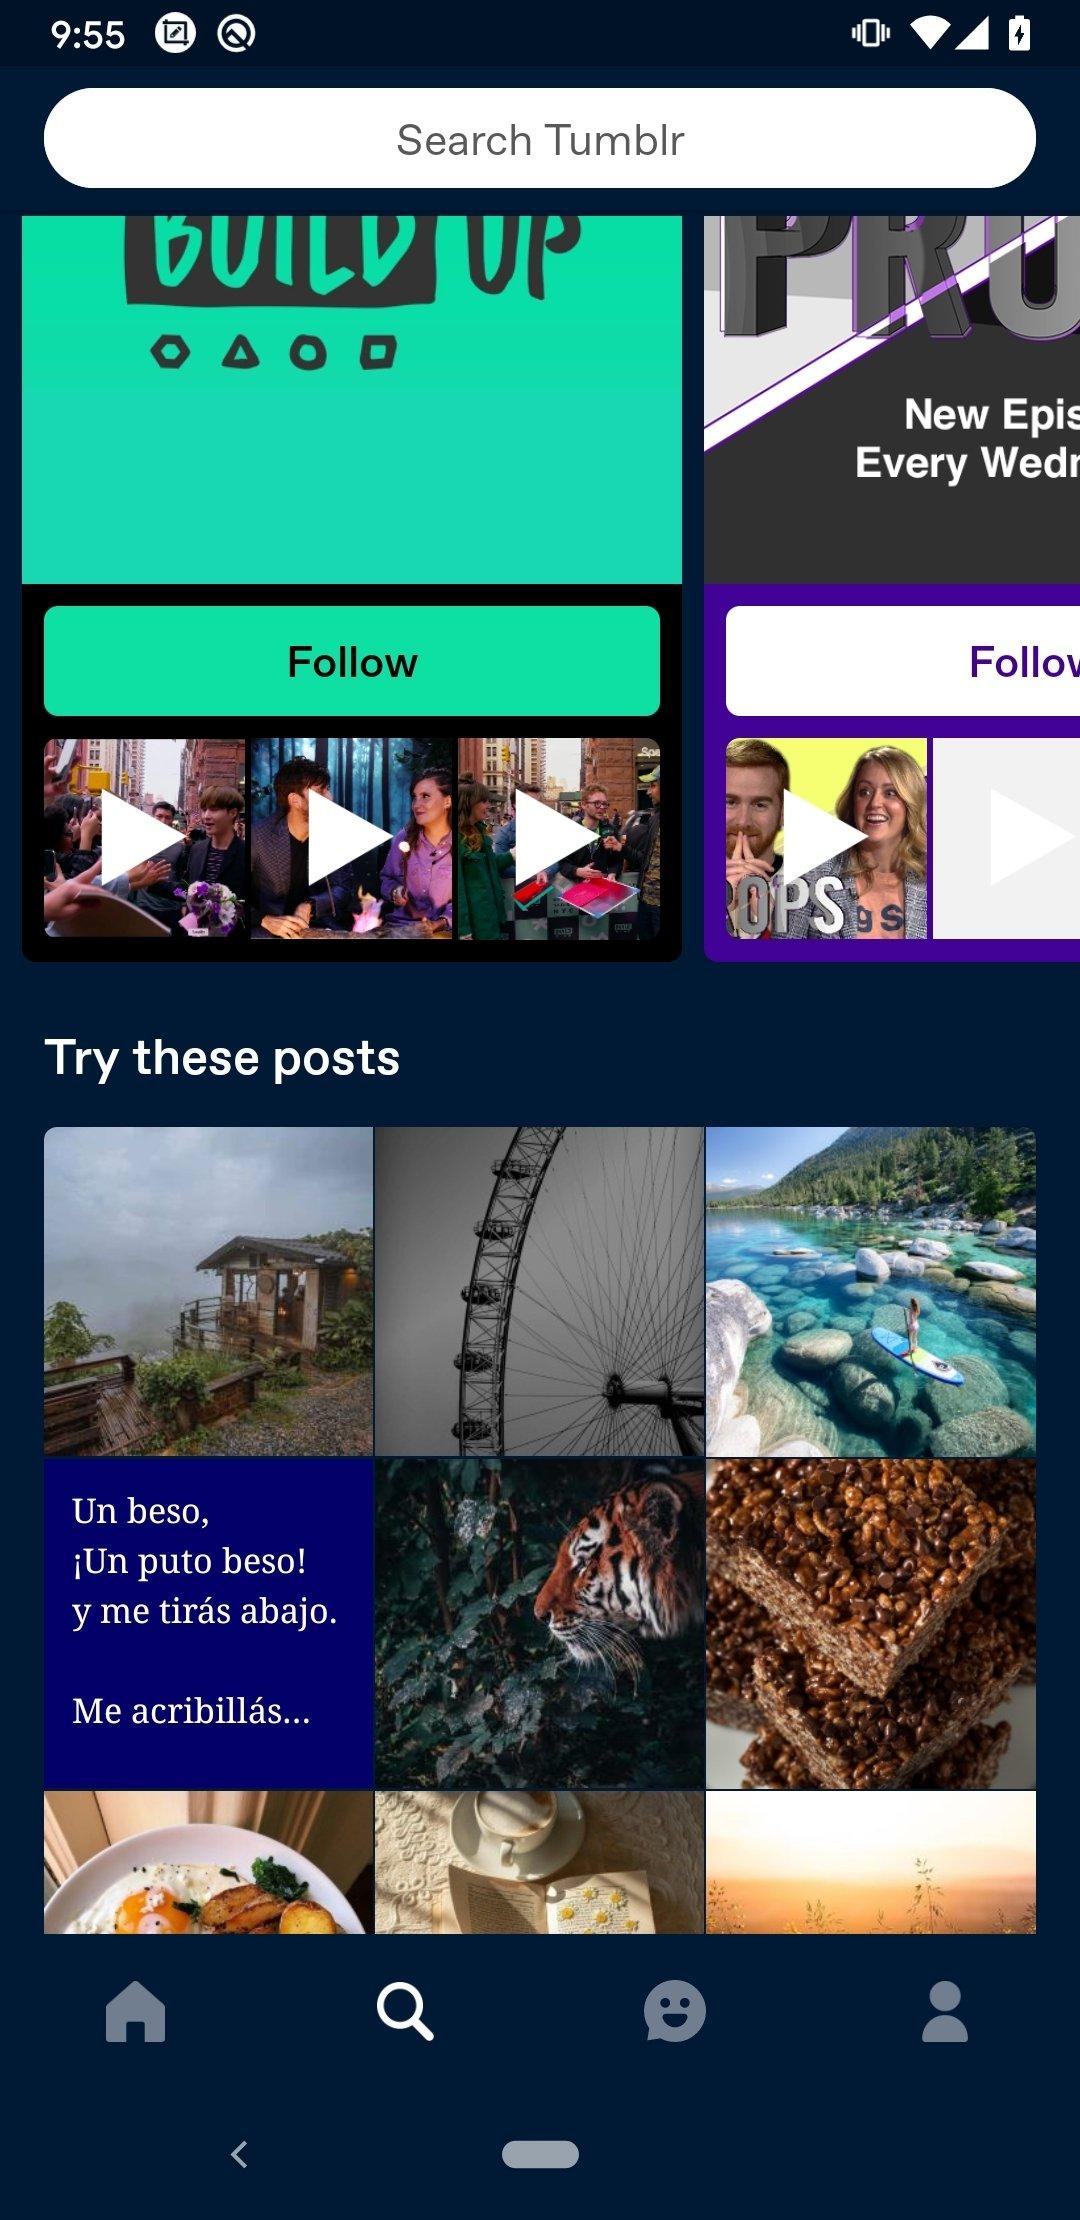 App Para Bajar Porno tumblr 16.2.1.04 - descargar para android apk gratis